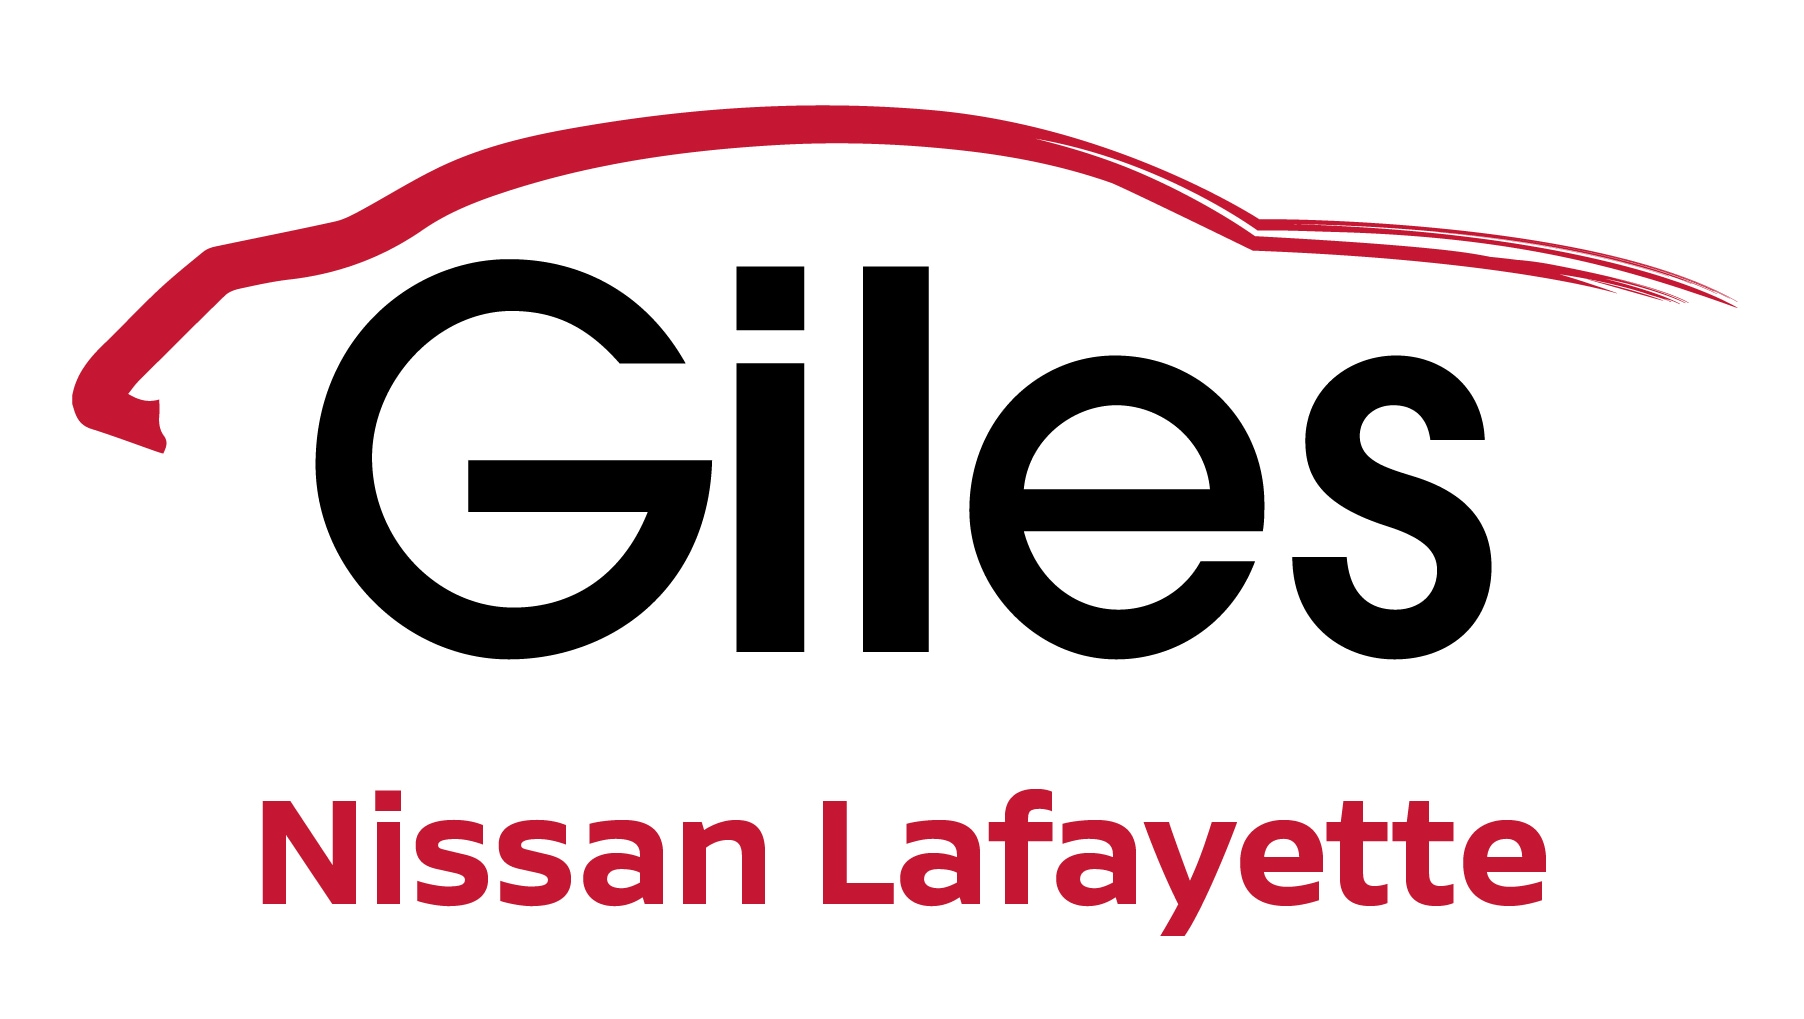 Nissan Lafayette La >> Nissan Dealer In Lafayette Giles Nissan